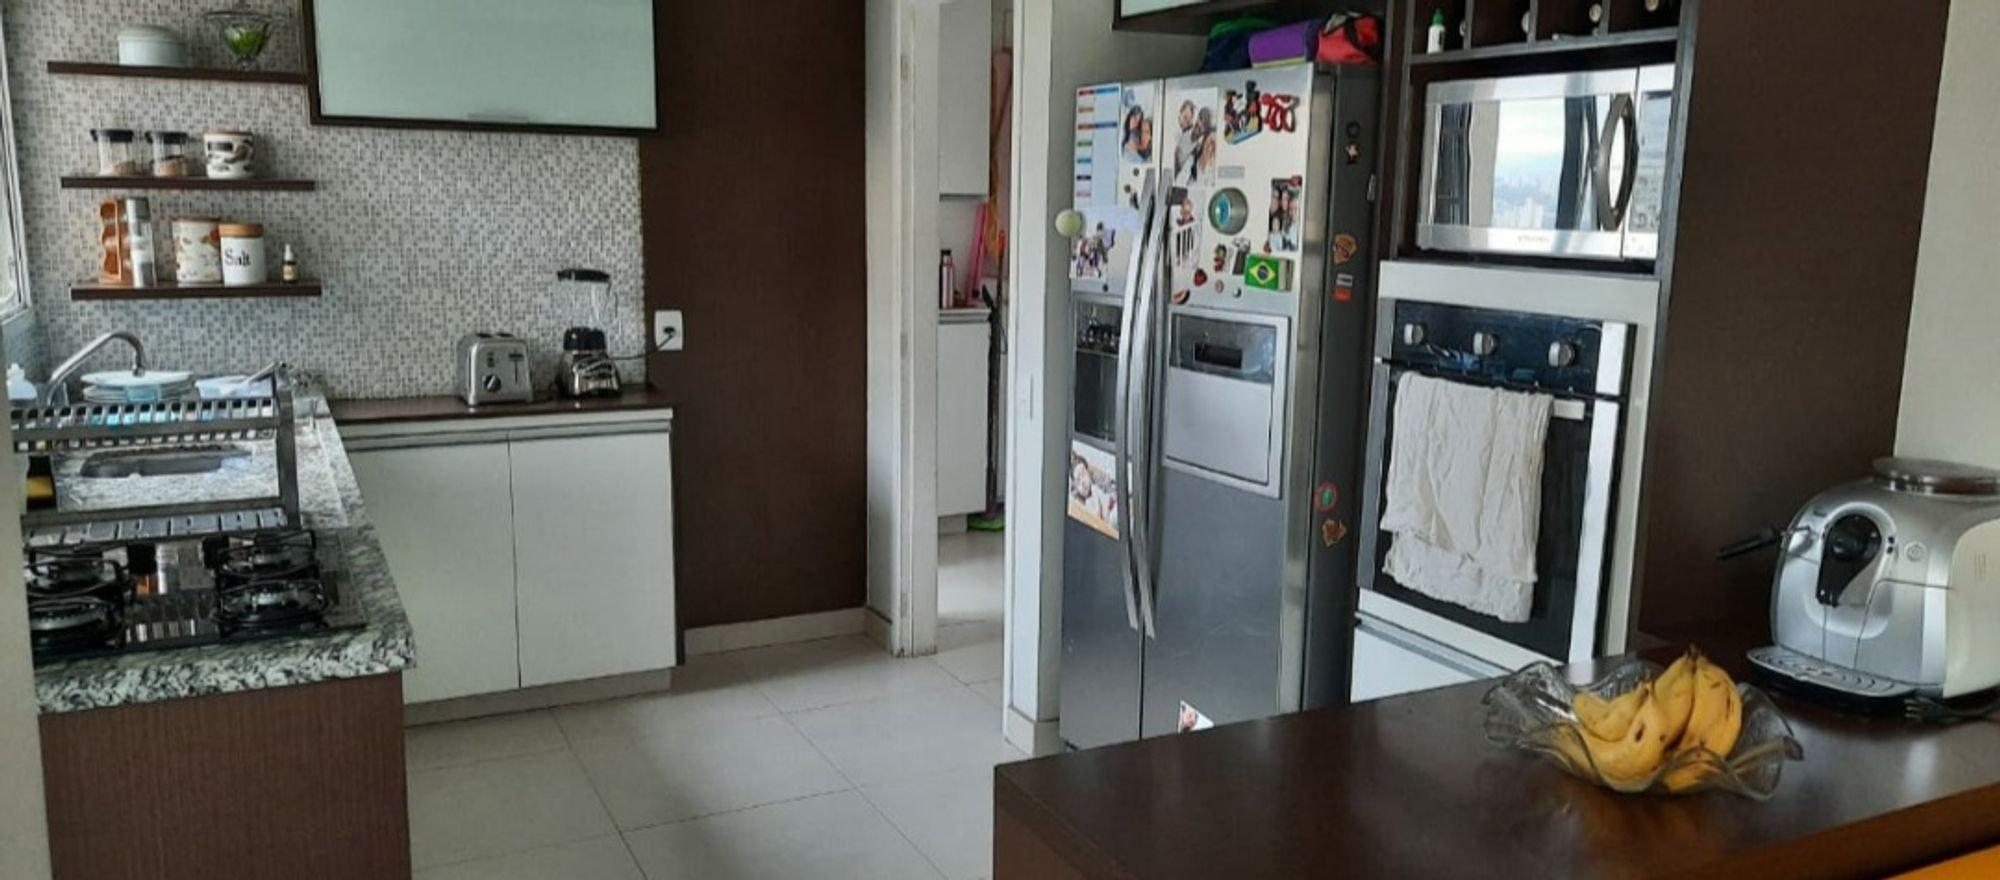 Foto de Cozinha com tigela, geladeira, mesa de jantar, xícara